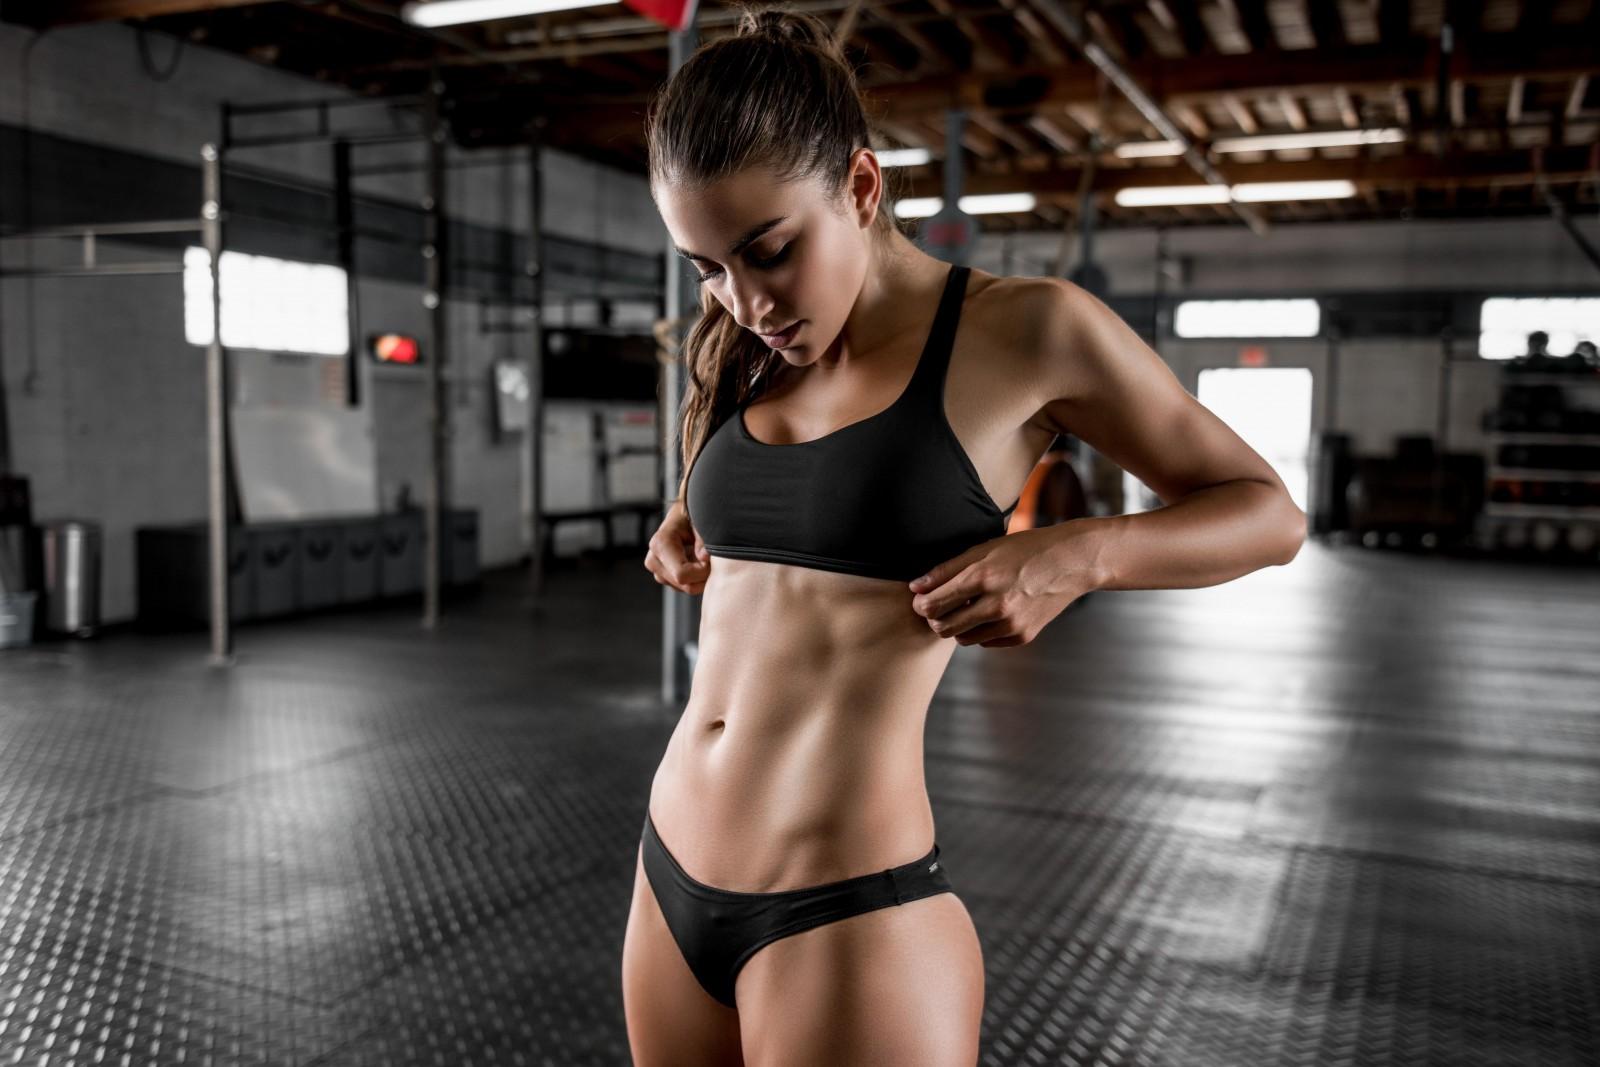 видео с фитнес телками